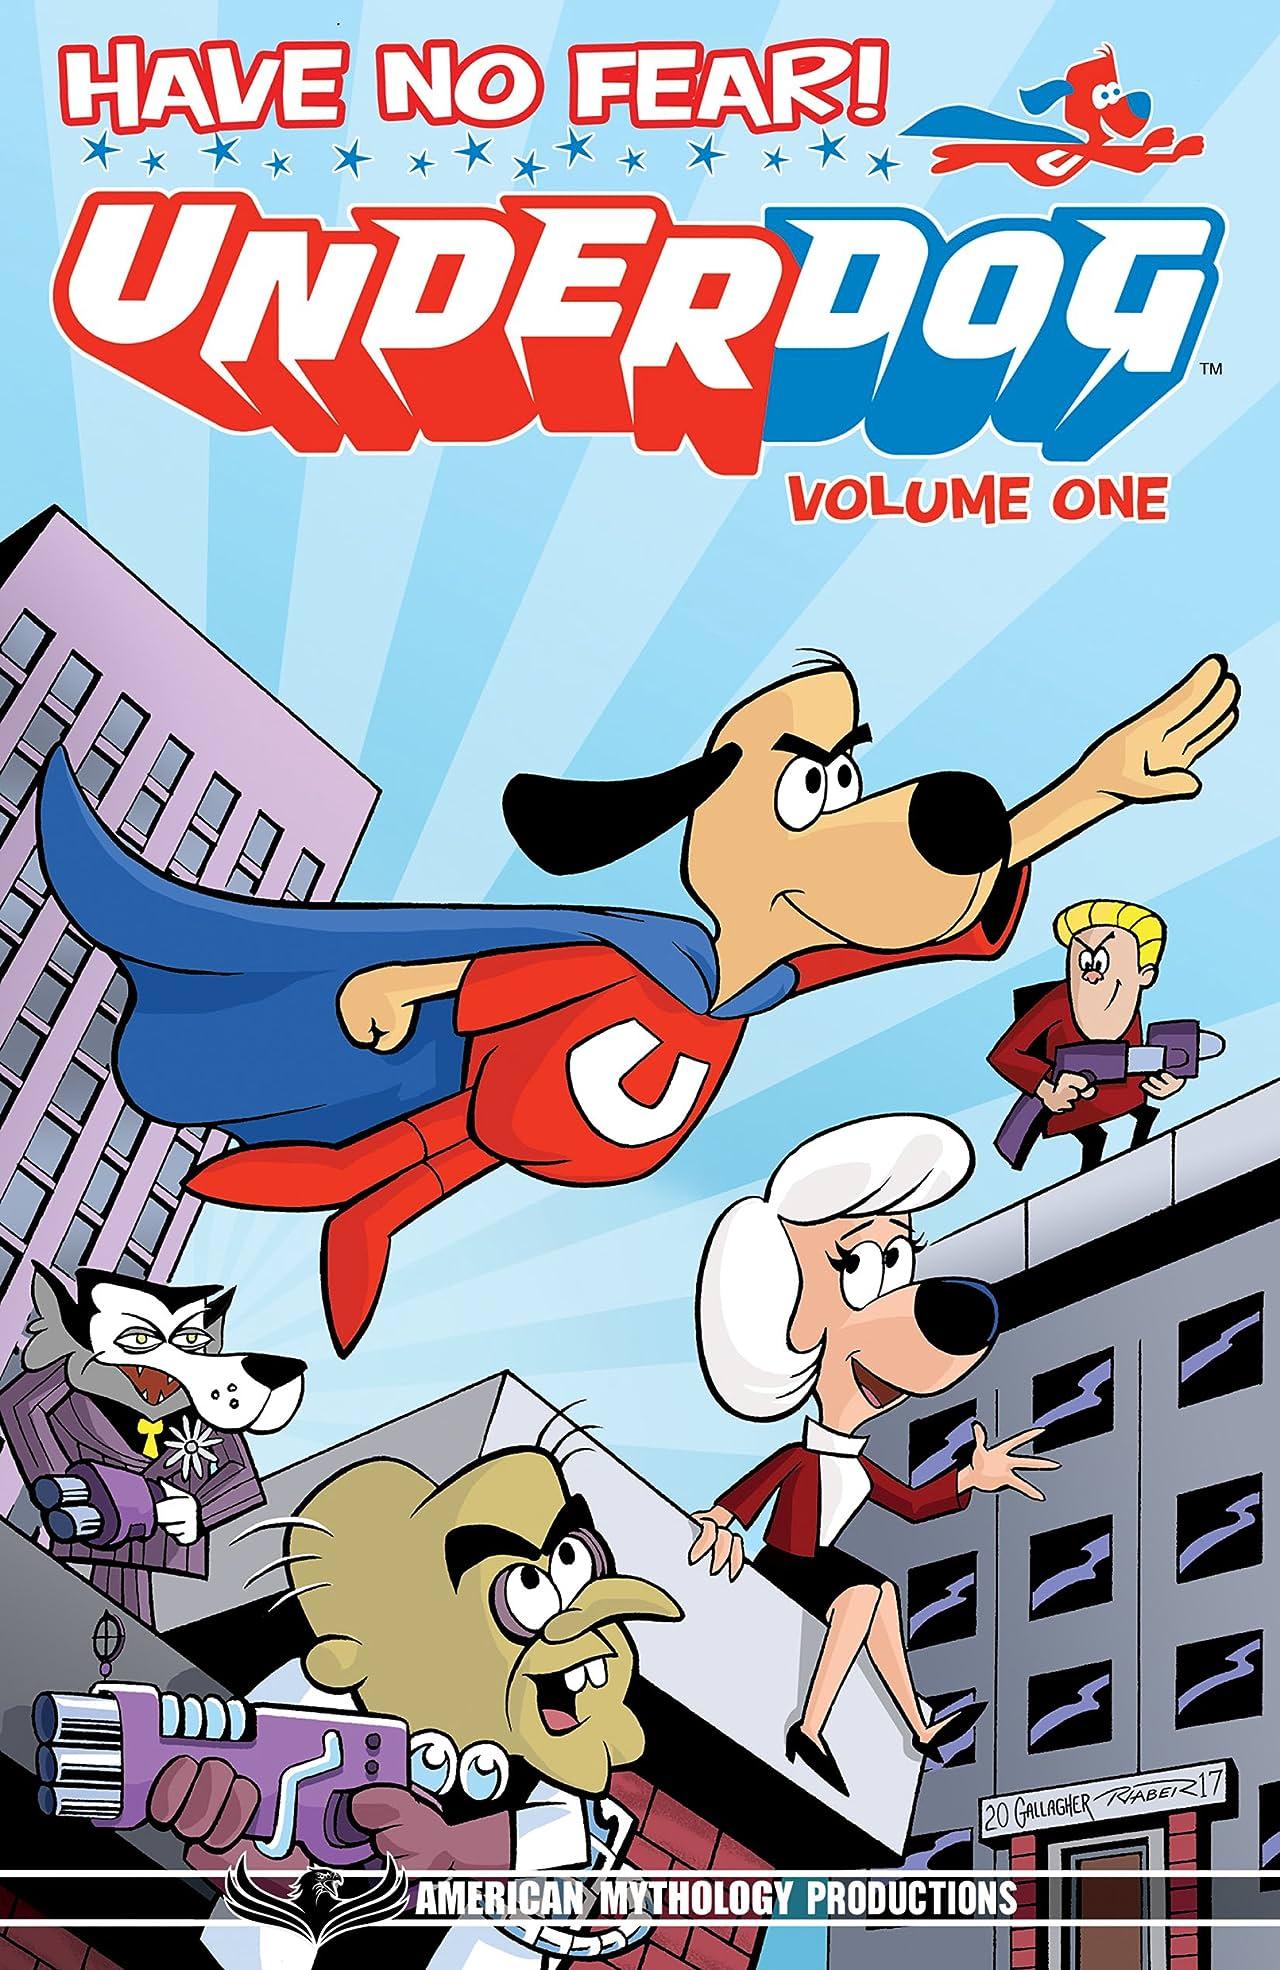 Underdog Vol. 1: Have No Fear